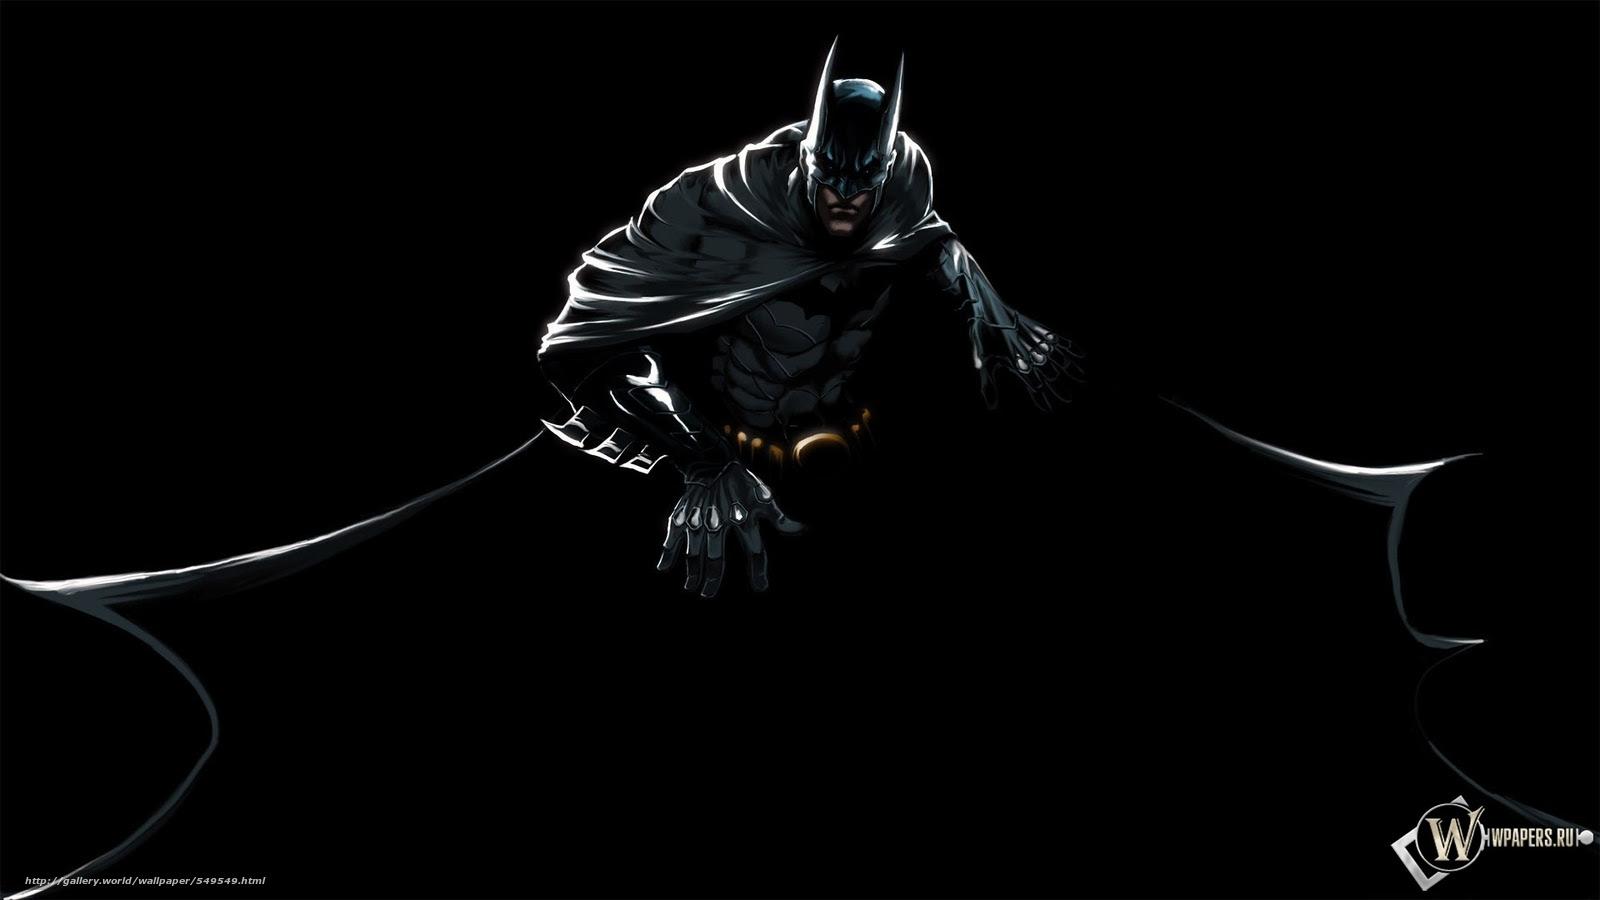 壁紙をダウンロード 芸術 バットマン ブルースウェイン